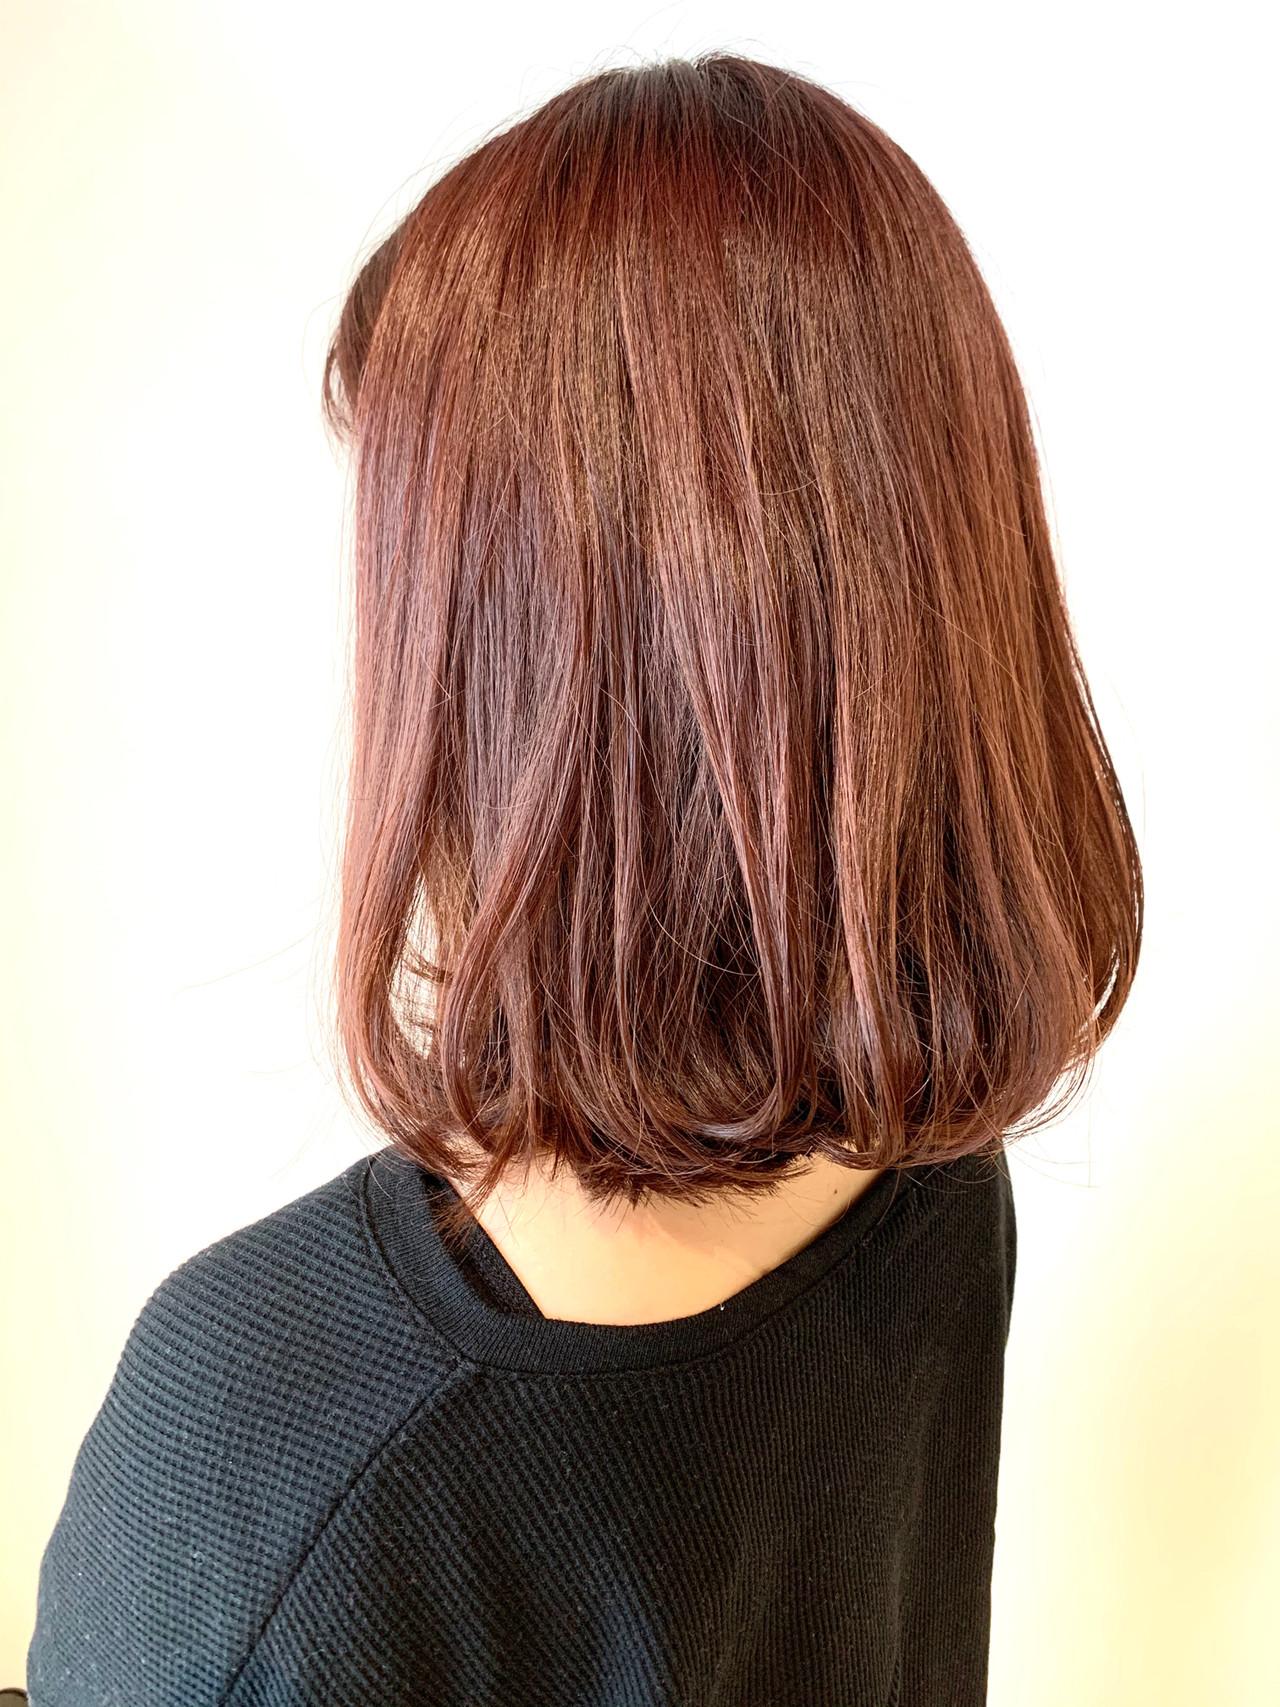 ボブ ガーリー 簡単スタイリング ゆるふわ ヘアスタイルや髪型の写真・画像 | 村上 駿 / FRAMES hair design